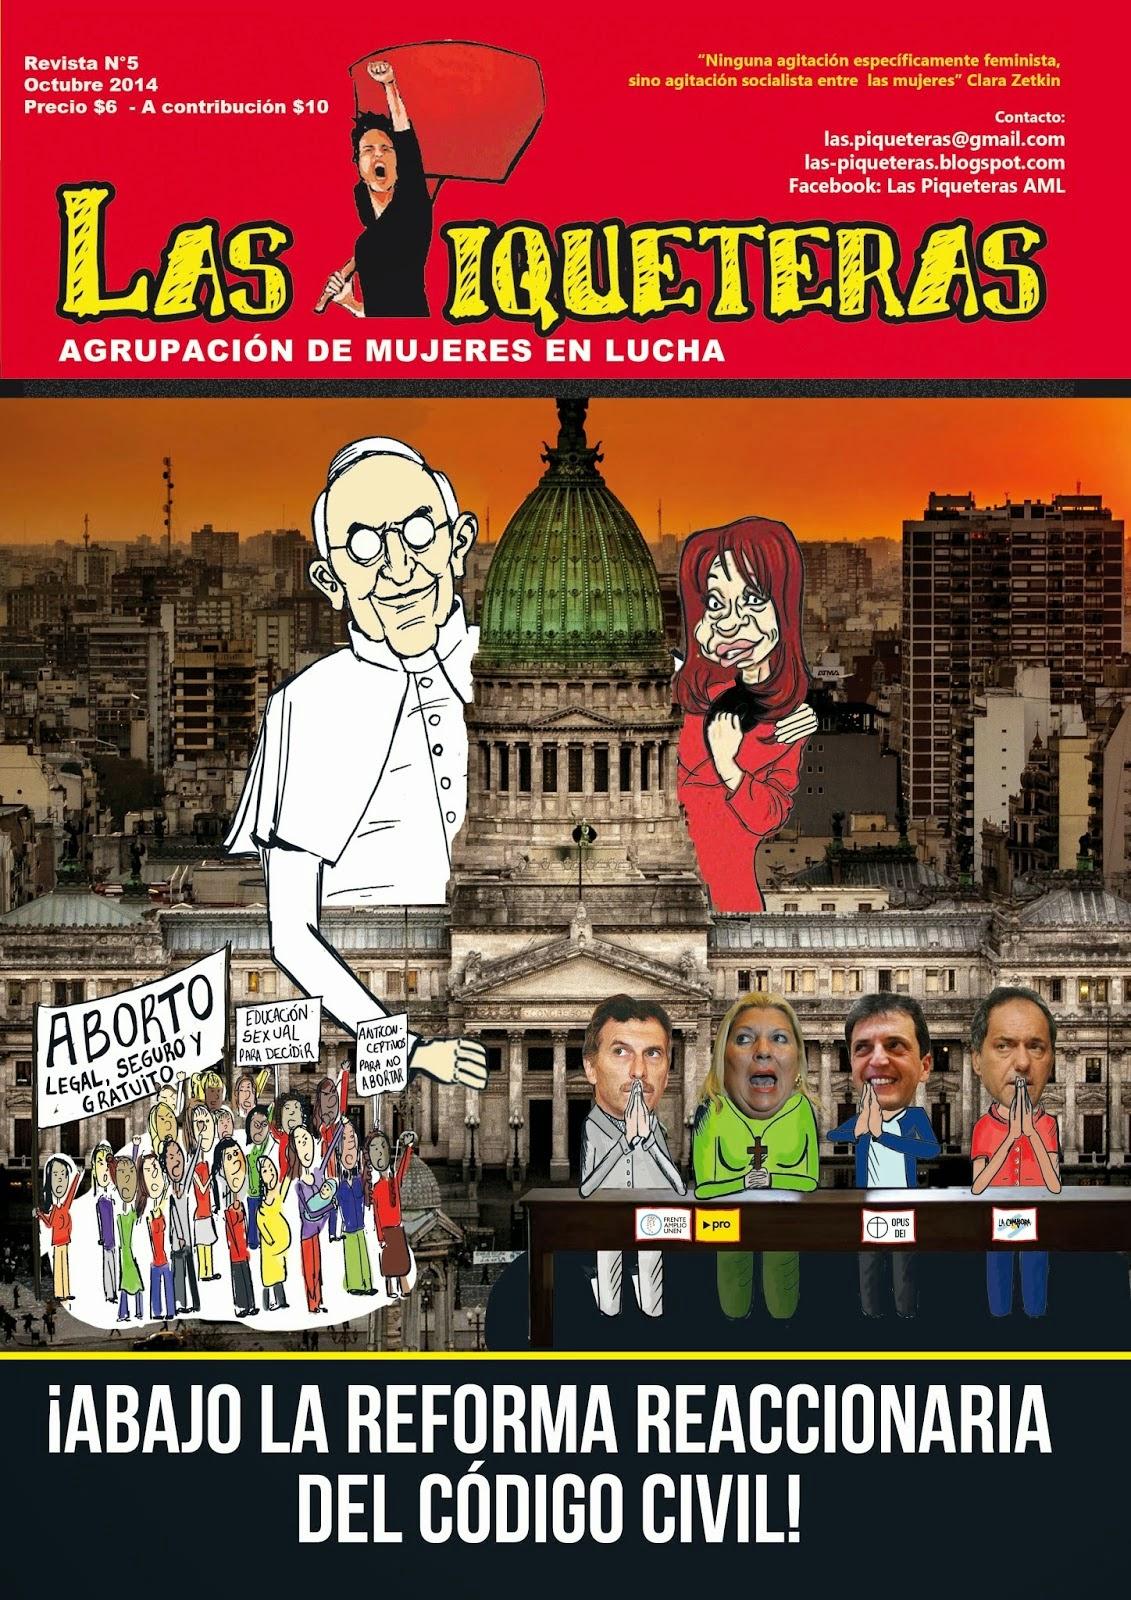 REVISTA DE LAS PIQUETERAS N°5 - ¡ABAJO LA REFORMA REACCIONARIA DEL CÓDIGO CIVIL!